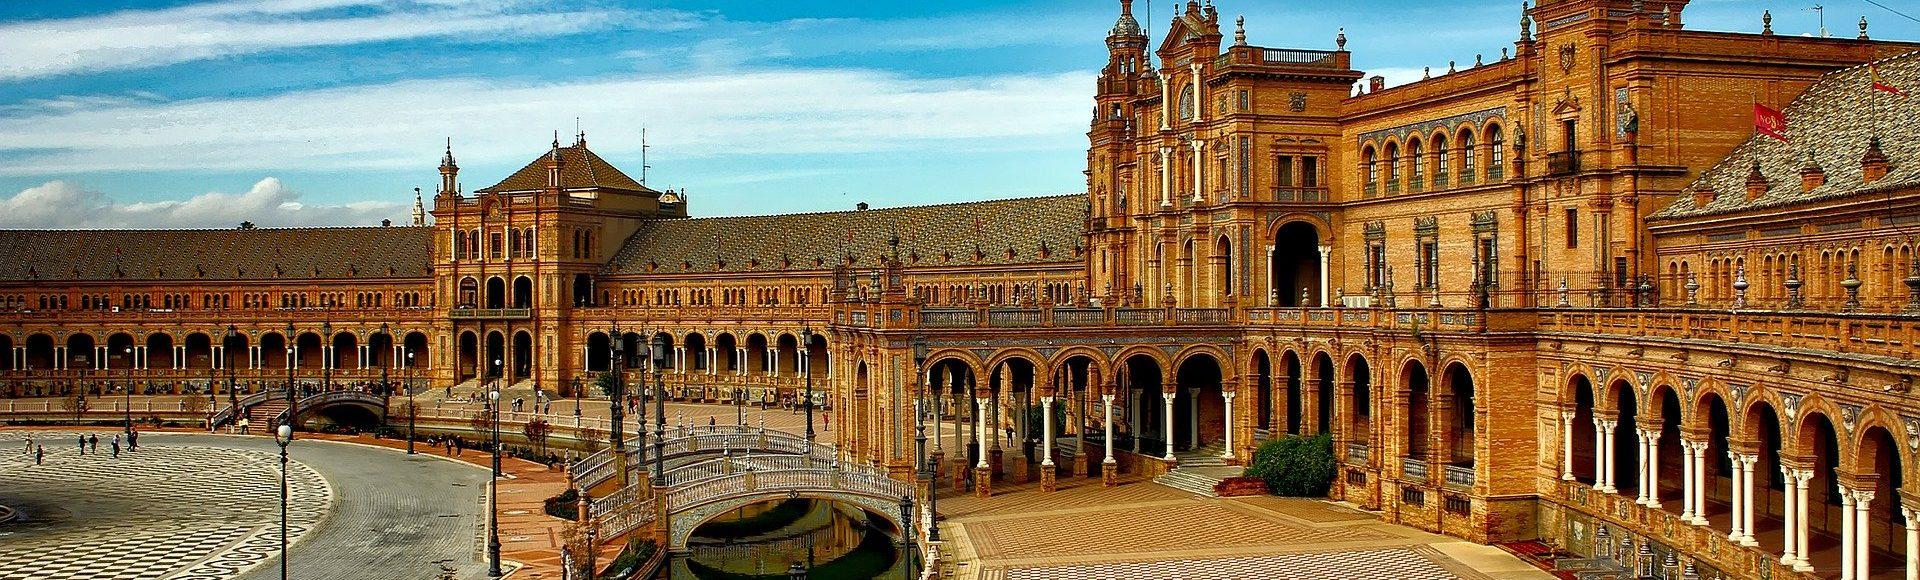 Sevilla y Cádiz, un viaje de magia y encantos inolvidables